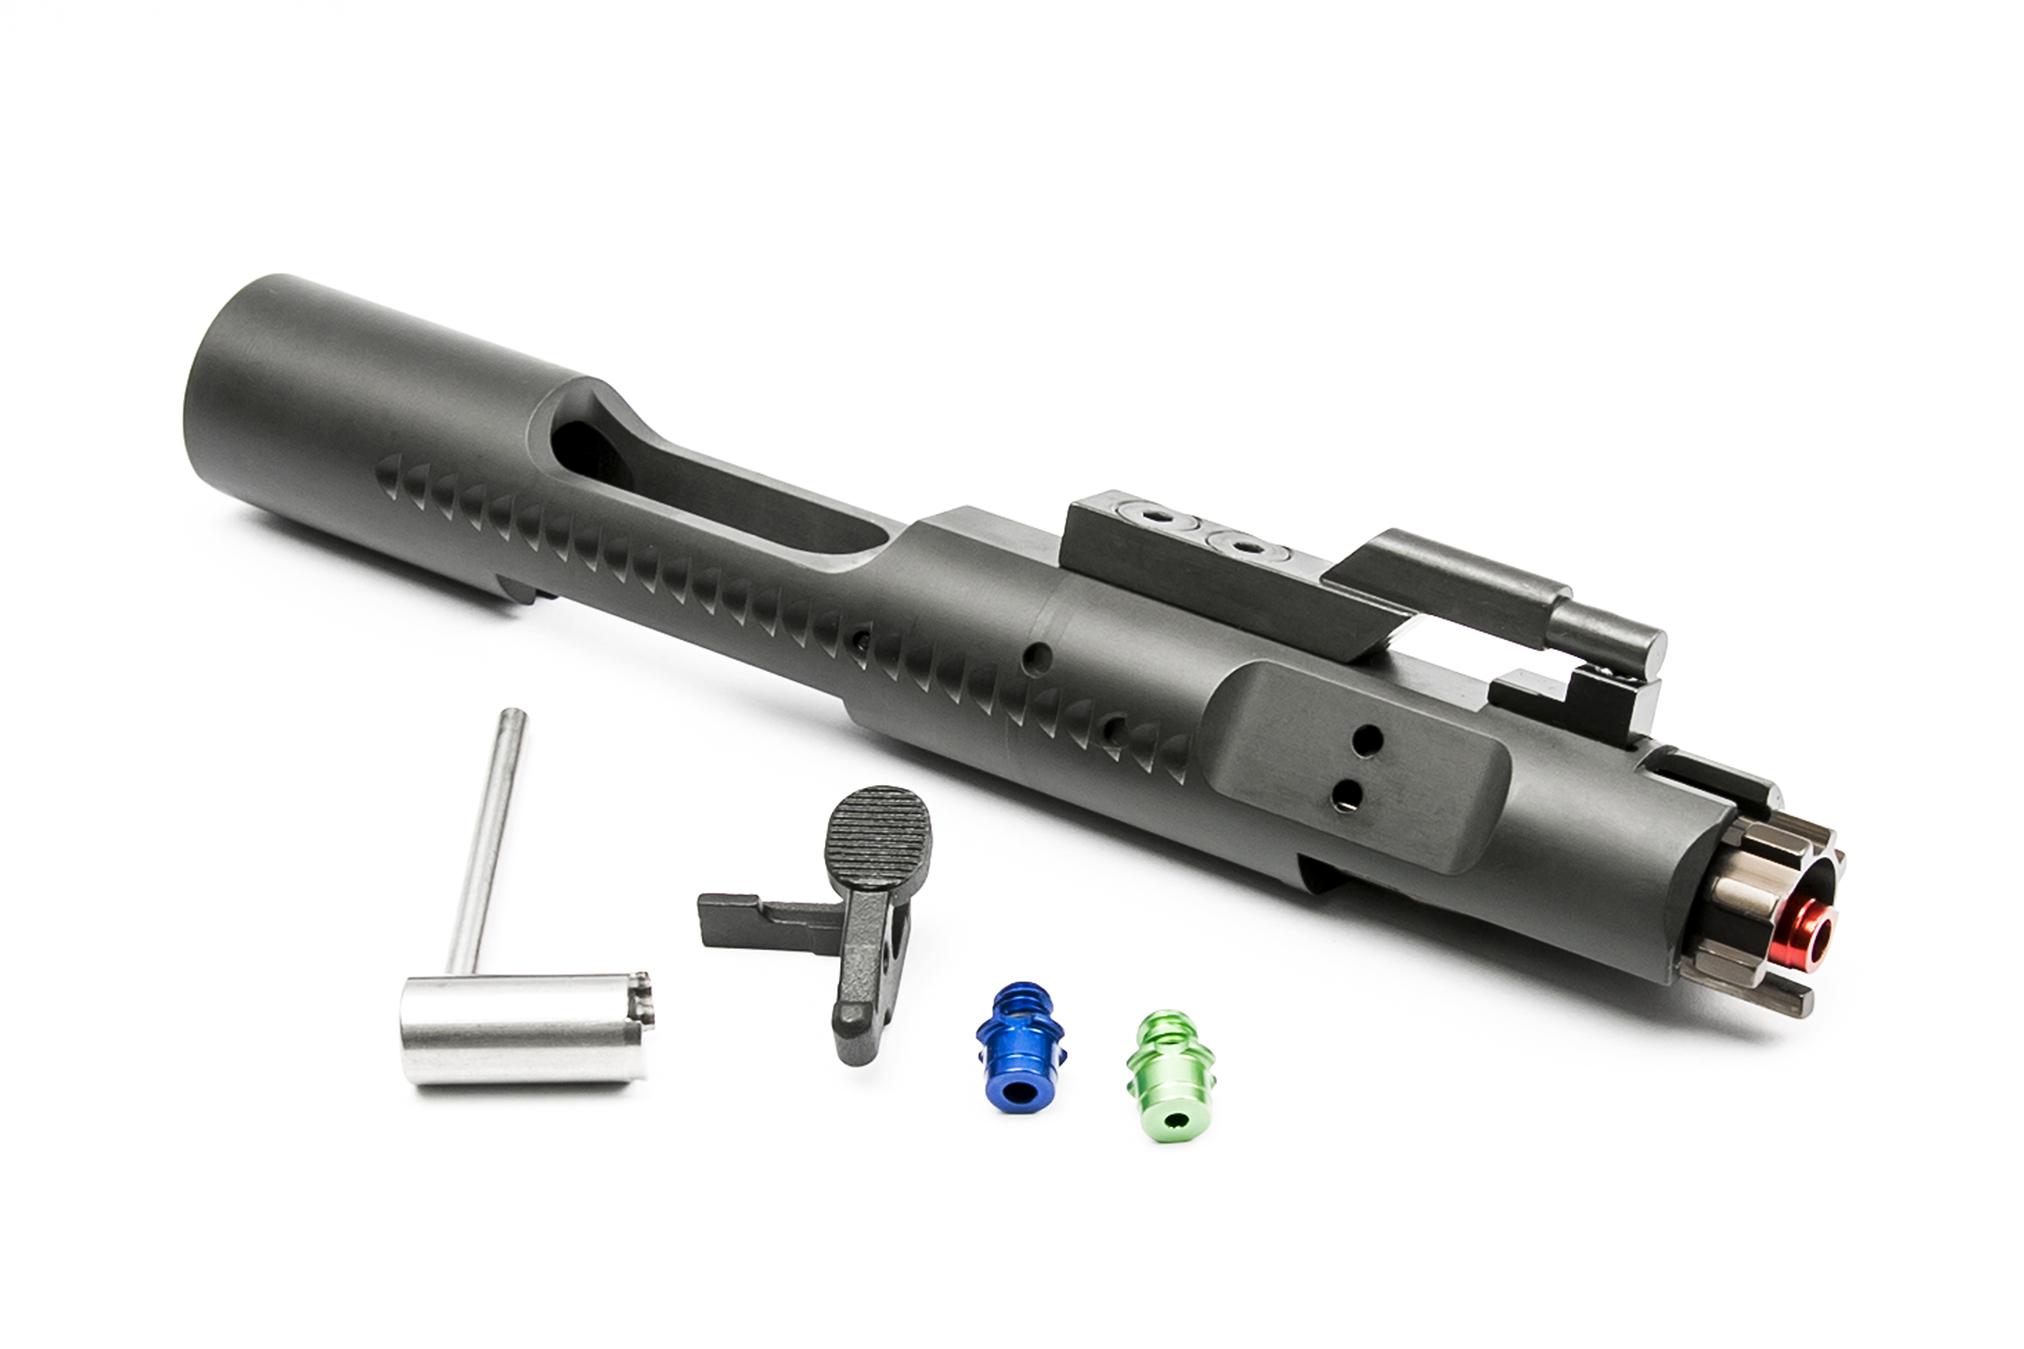 RA-TECH スチールCNC コンプリートボルトキャリア マグネティックロックノズルVer. WE M4/M16対応 BK